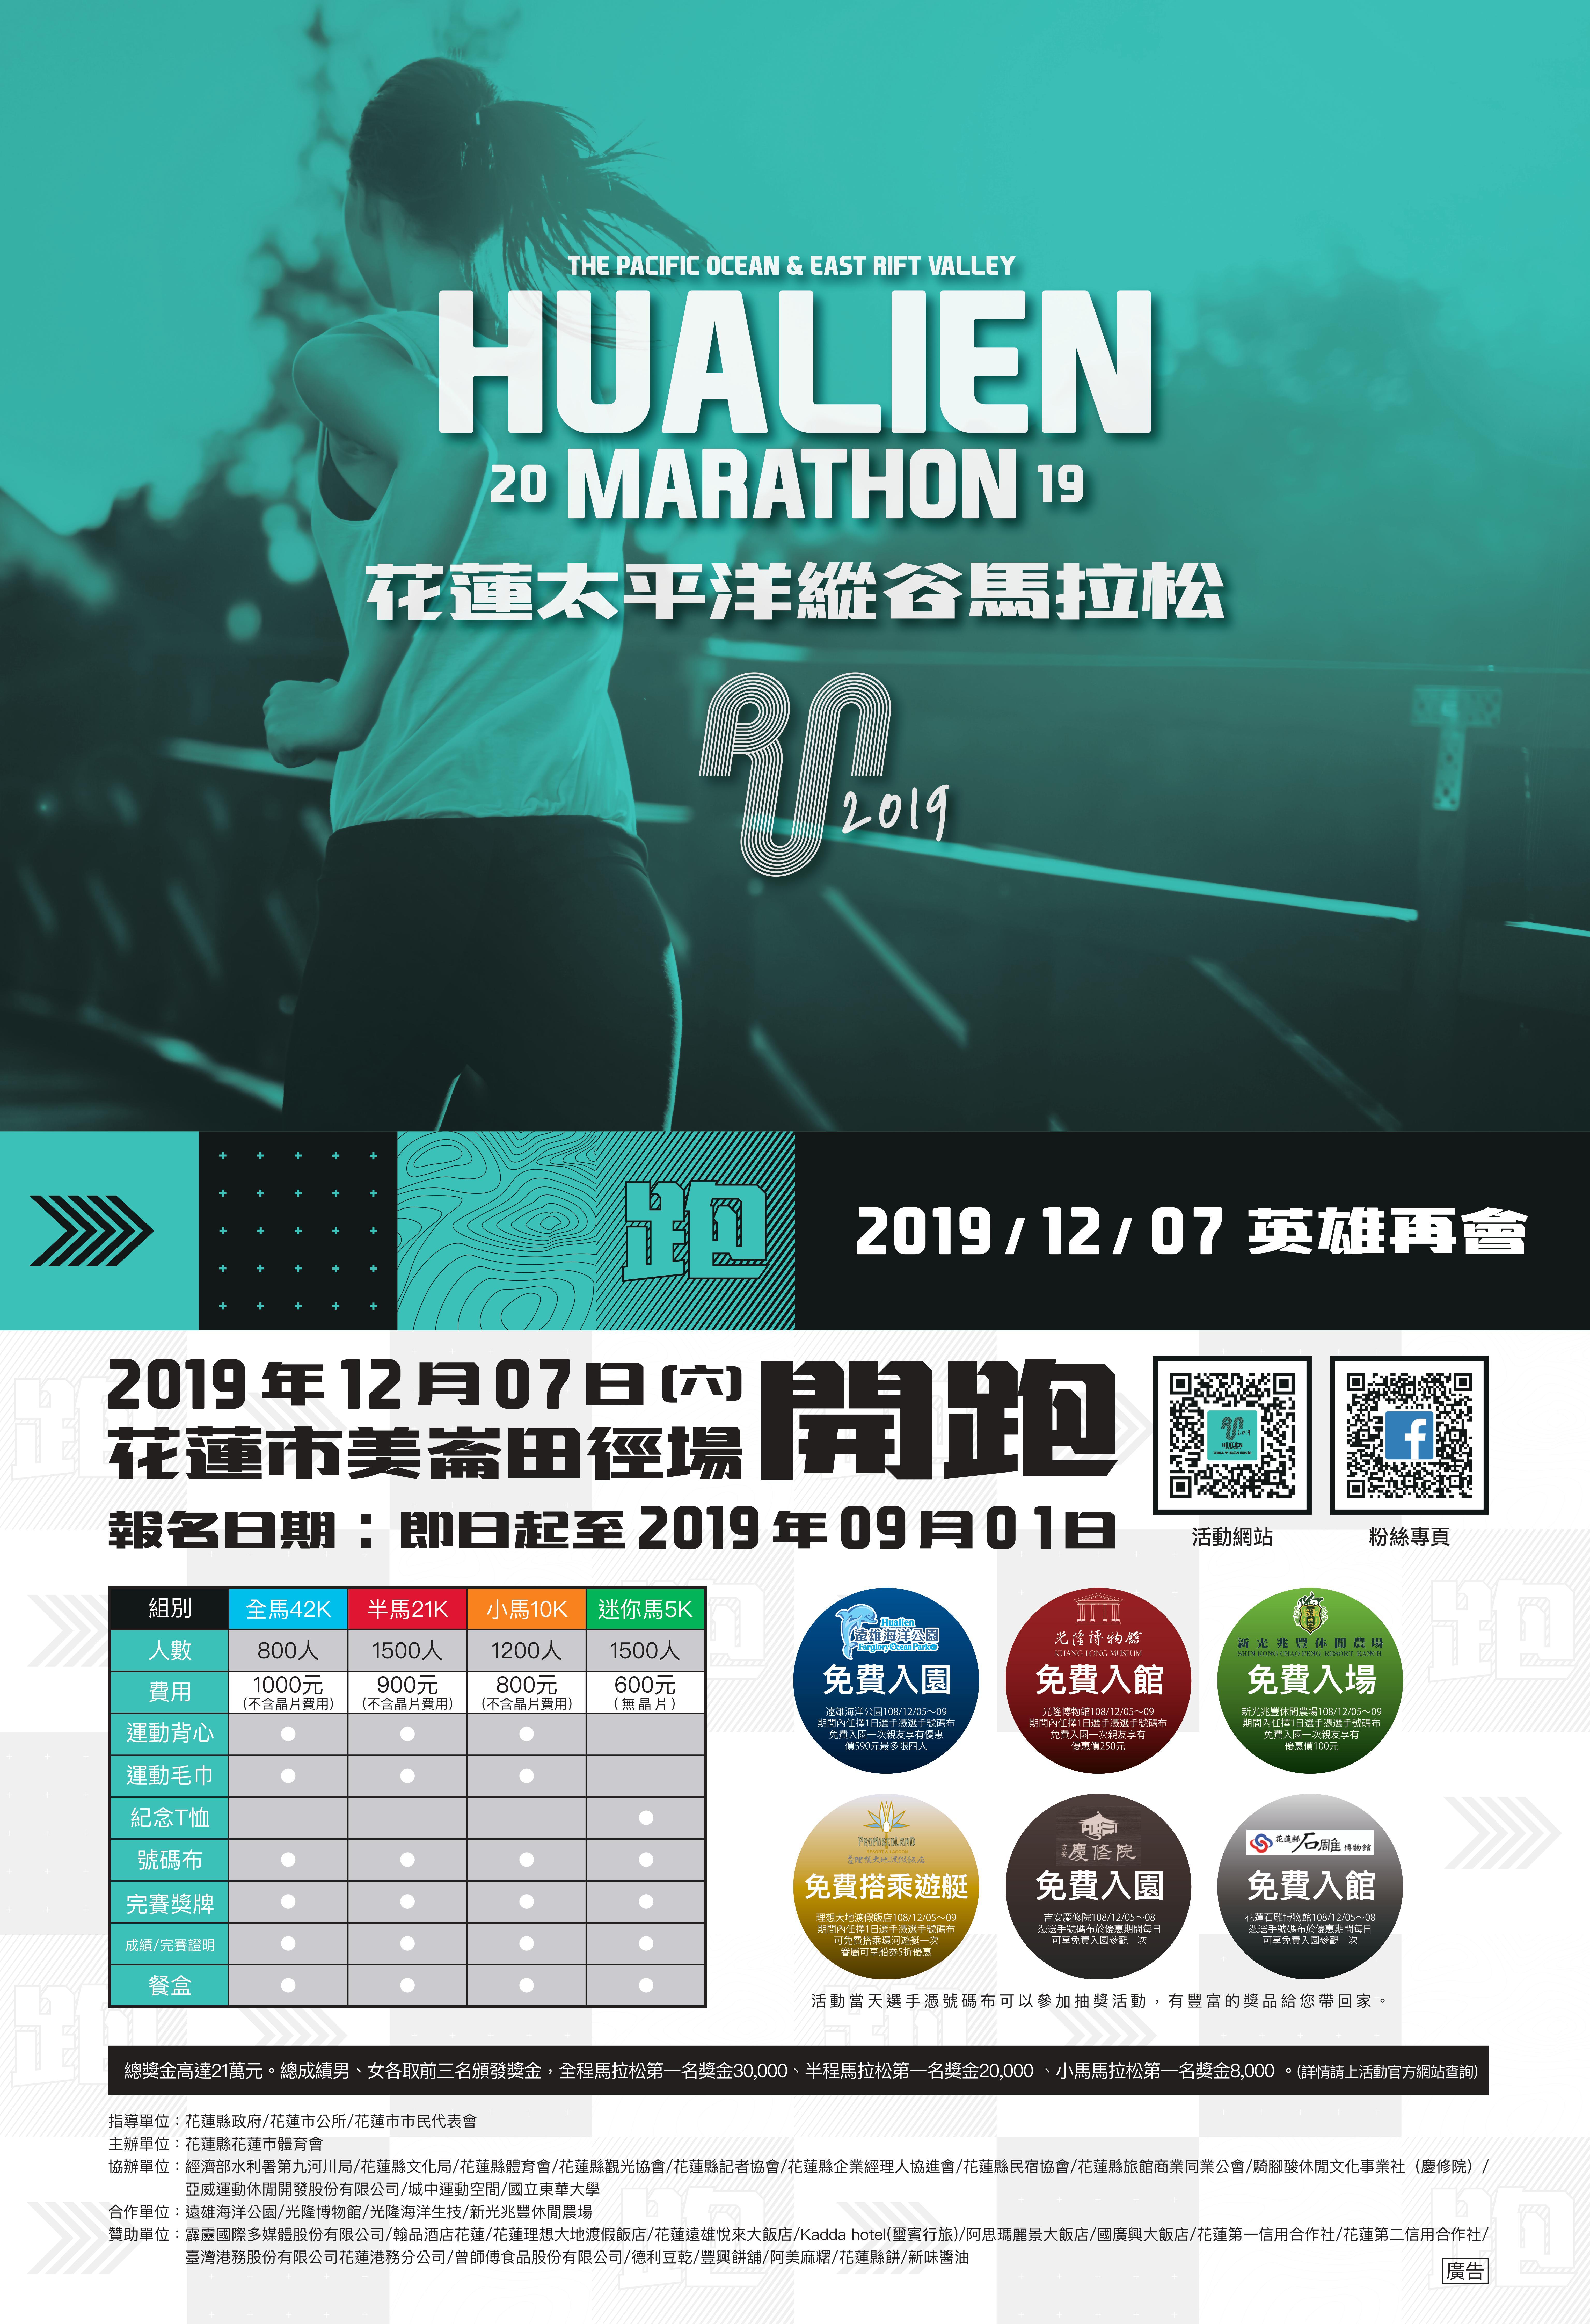 2019花蓮太平洋縱谷馬拉松